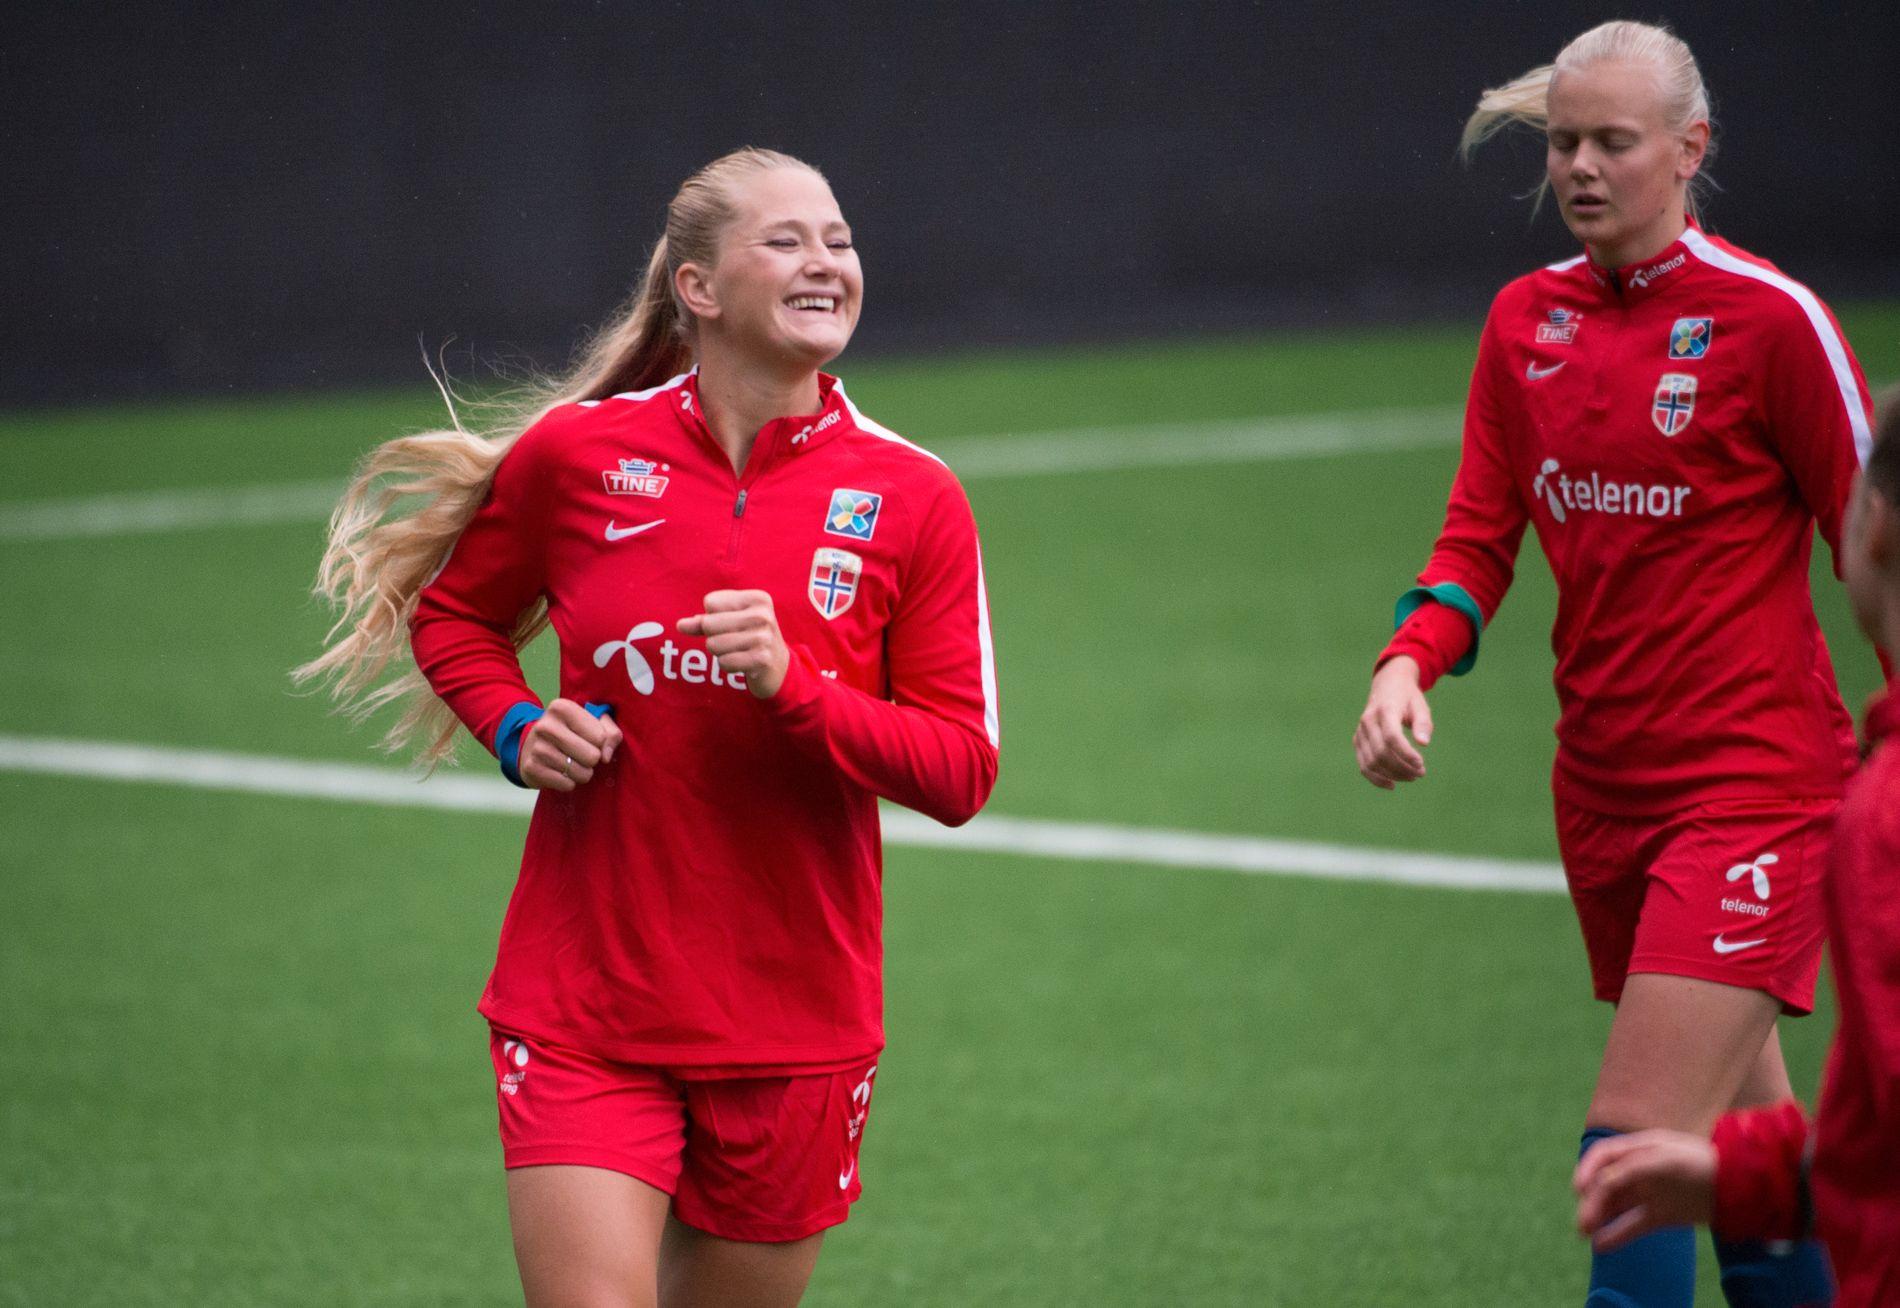 MYE MORO OM DAGEN: Lisa-Marie Karlseng Utland (t.v.) og Karina Sævik på dagens trening med kvinnelandslaget før VM-kvalifiseringen mot Irland.